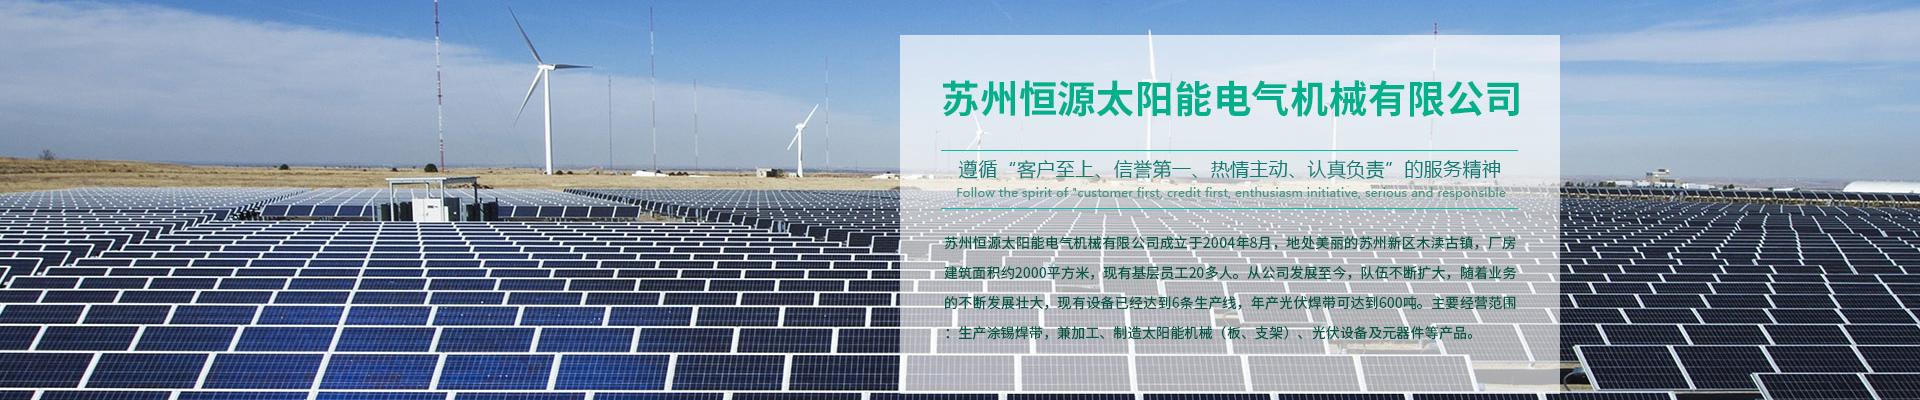 苏州恒源太阳能电气机械有限公司